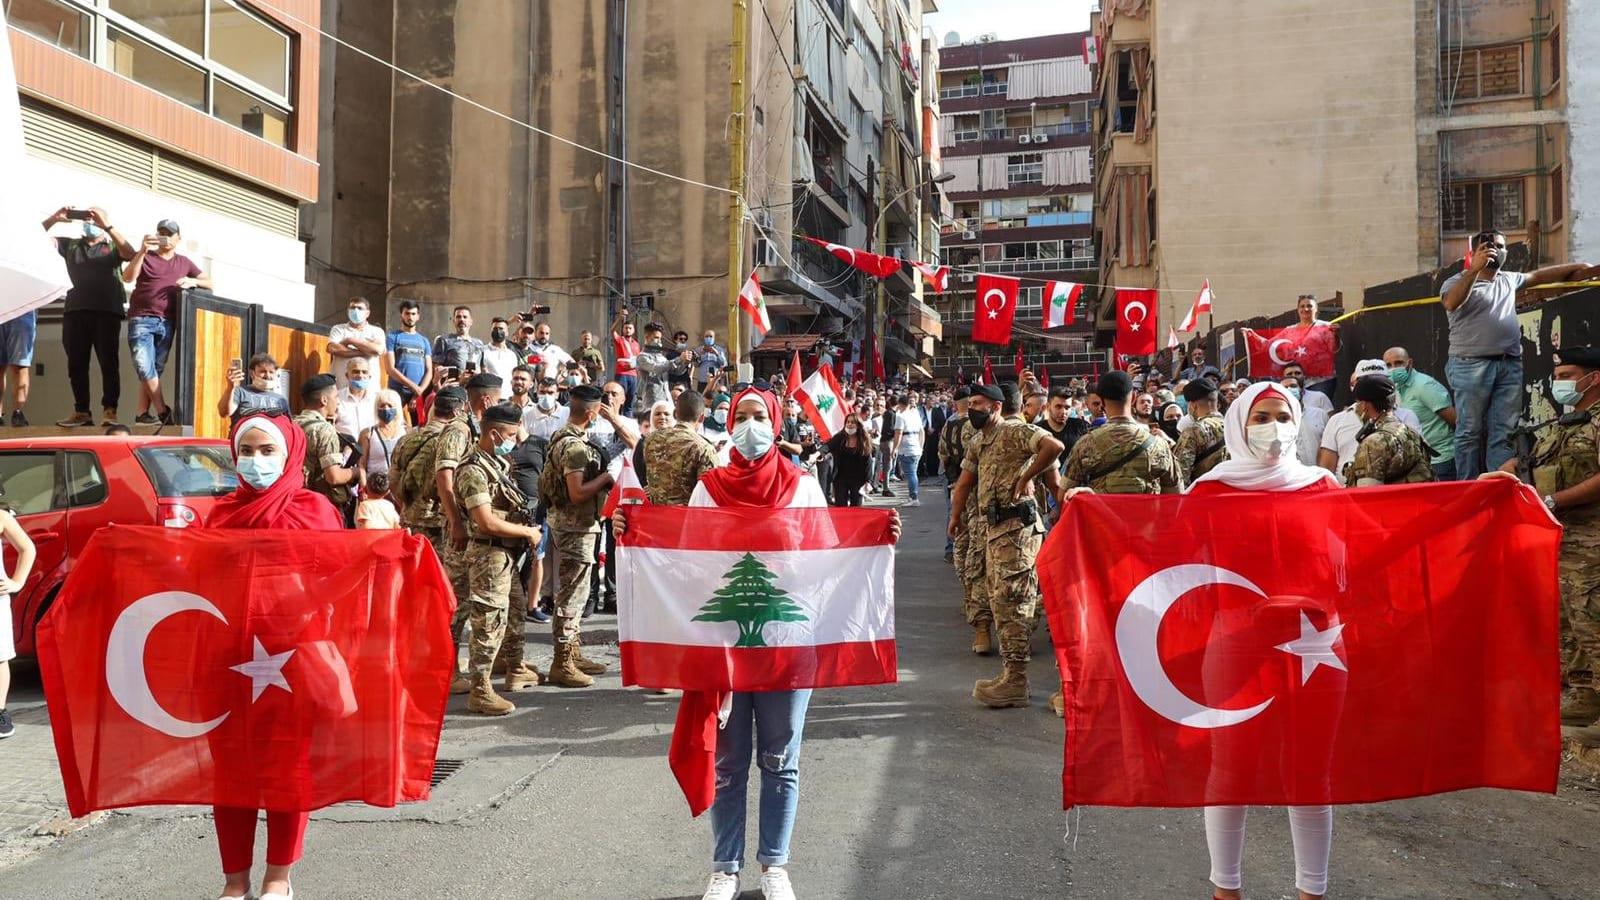 عشرات فرق الإنقاذ في بيروت.. لكن فرص العثور على حياة أصبحت ضئيلة